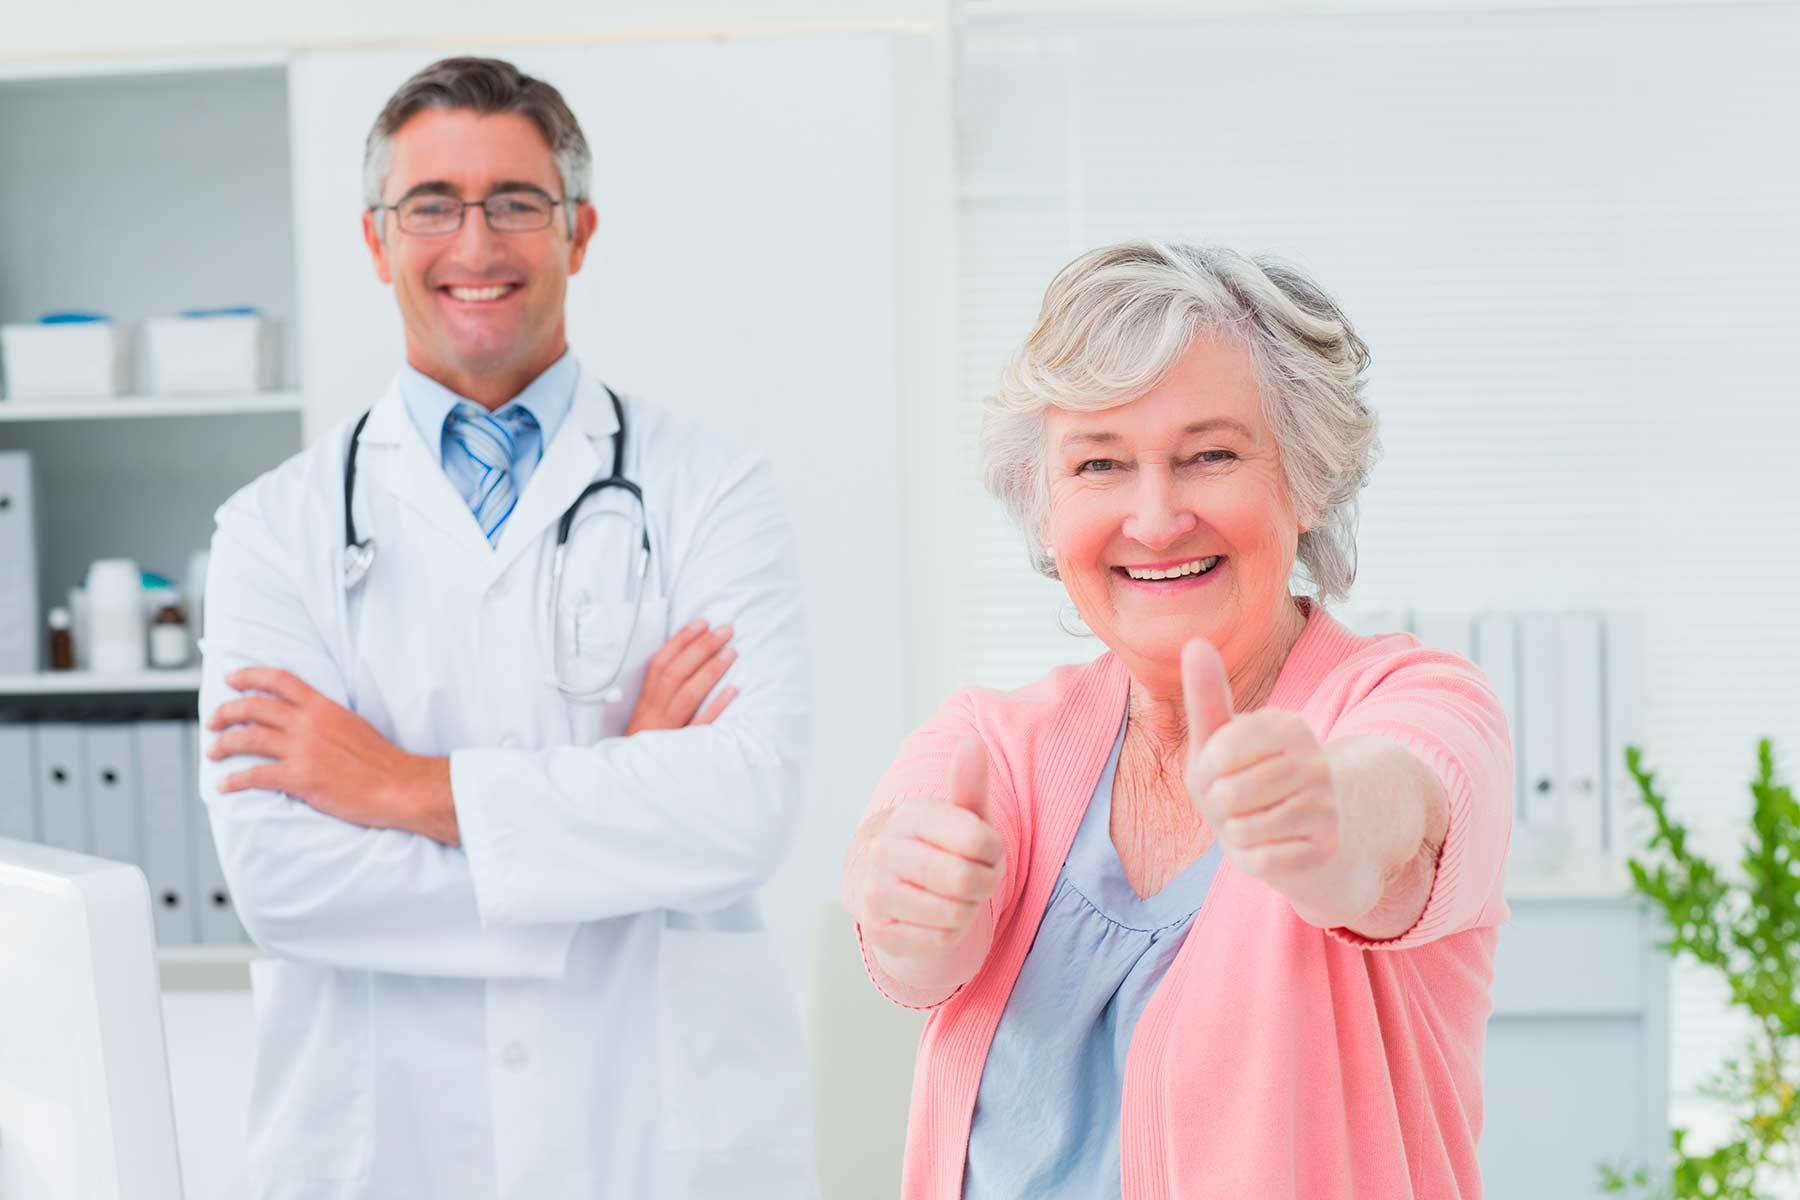 Seguro salud mayores de 65 años